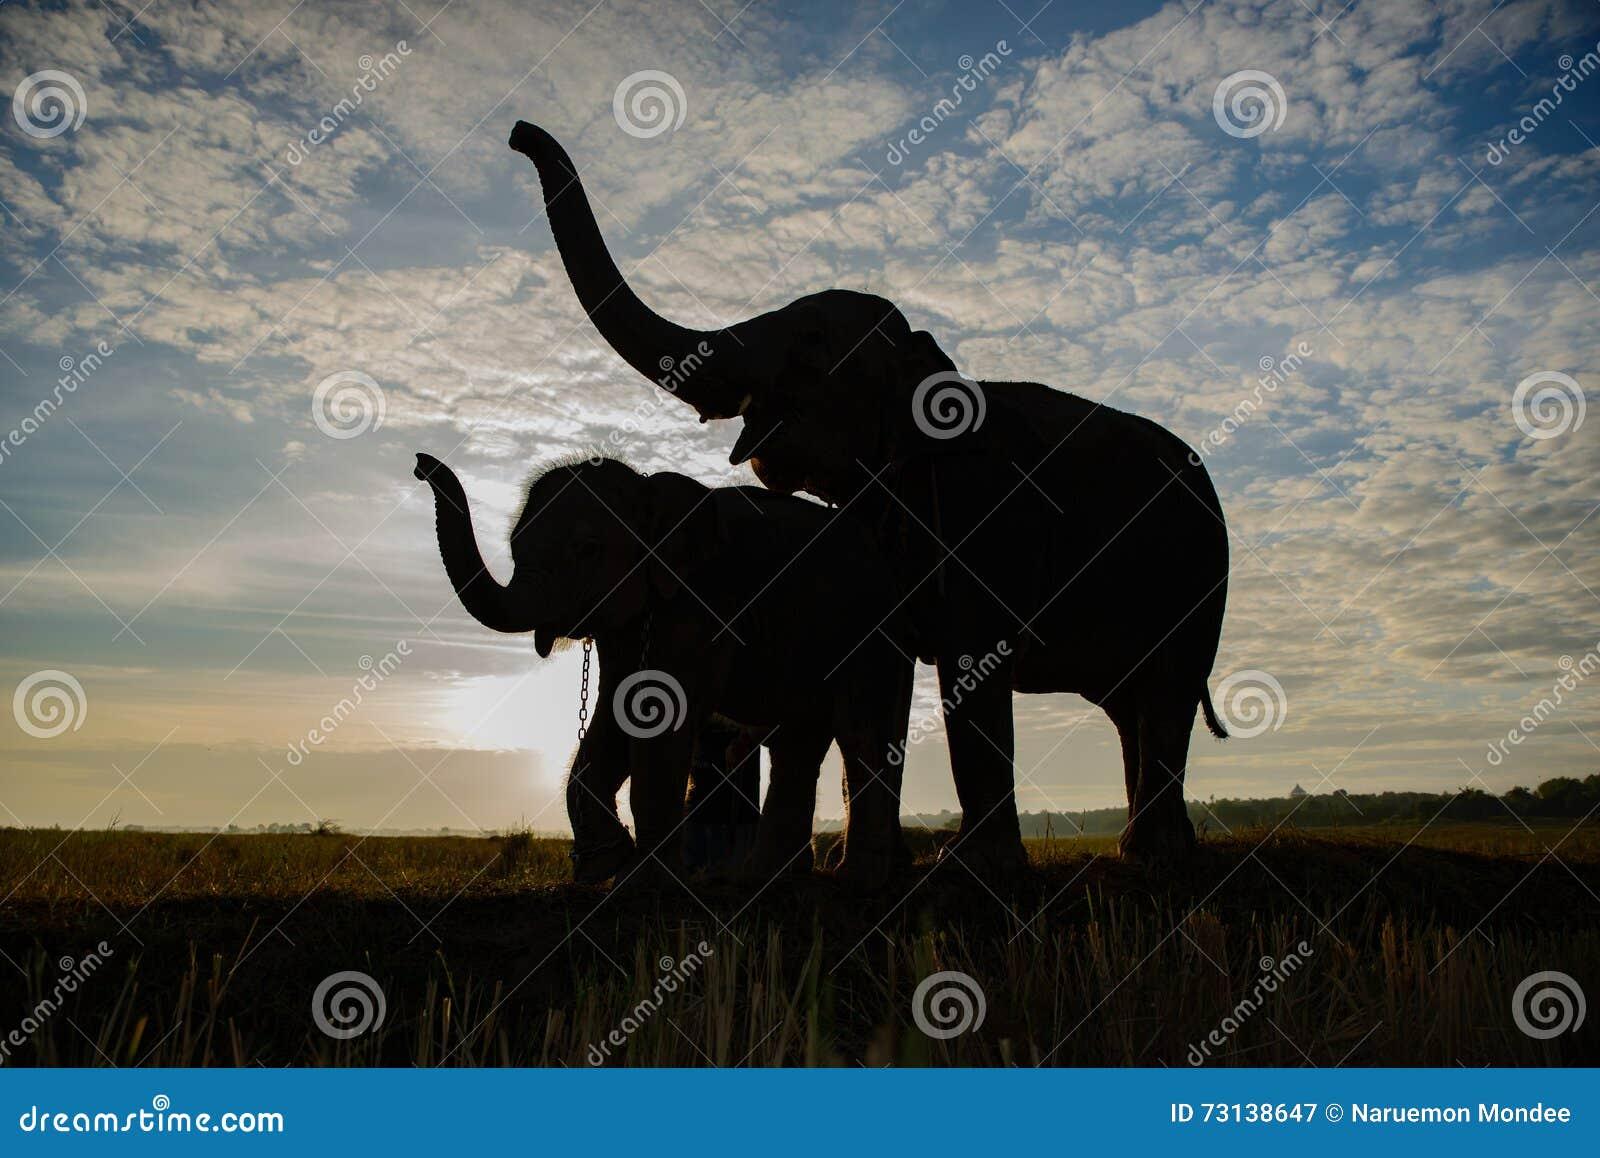 Konturn av elefanter